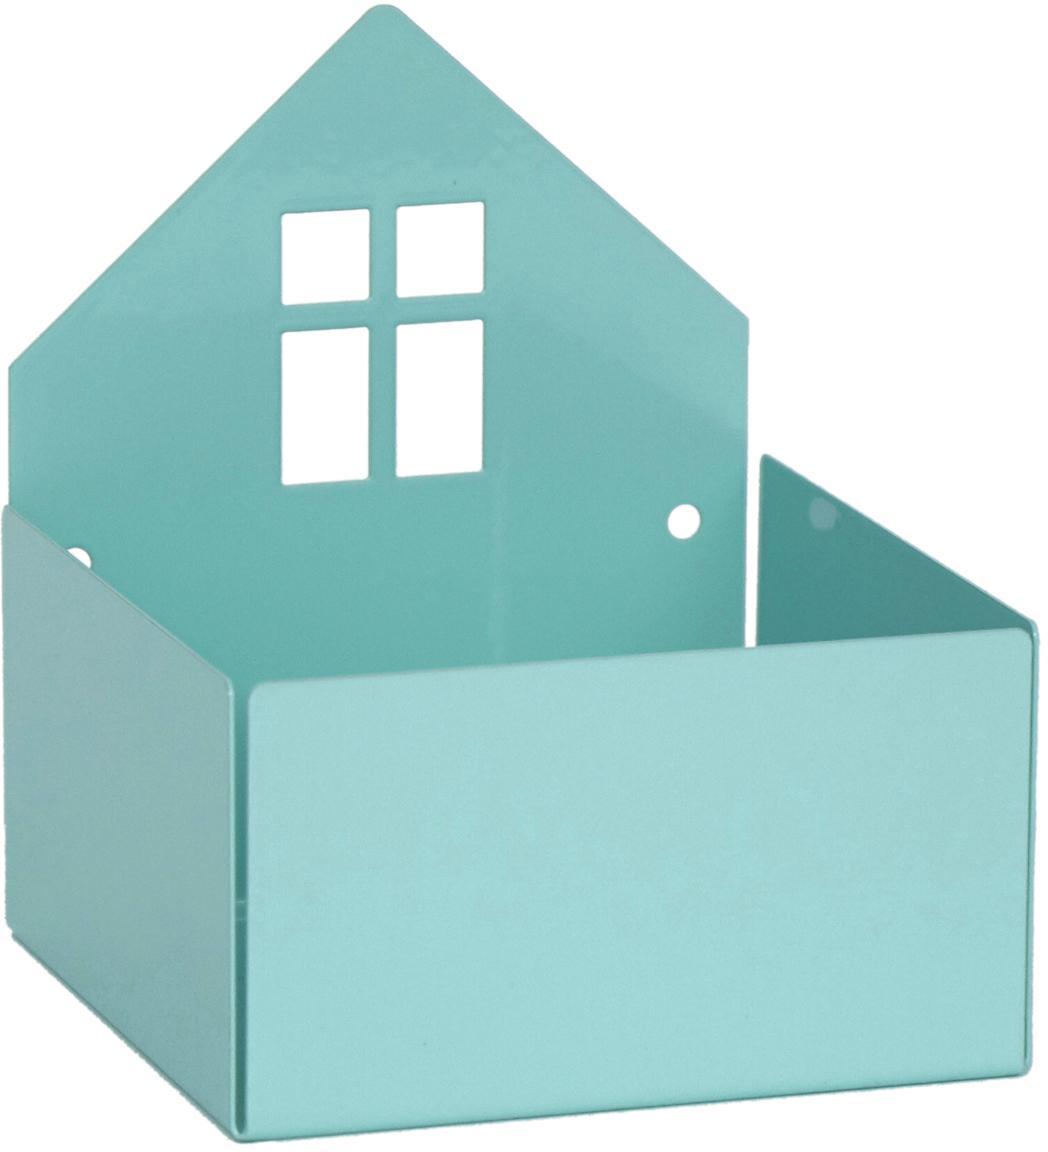 Pudełko do przechowywania Town House, Metal malowany proszkowo, Niebieski, S 11 x W 13 cm